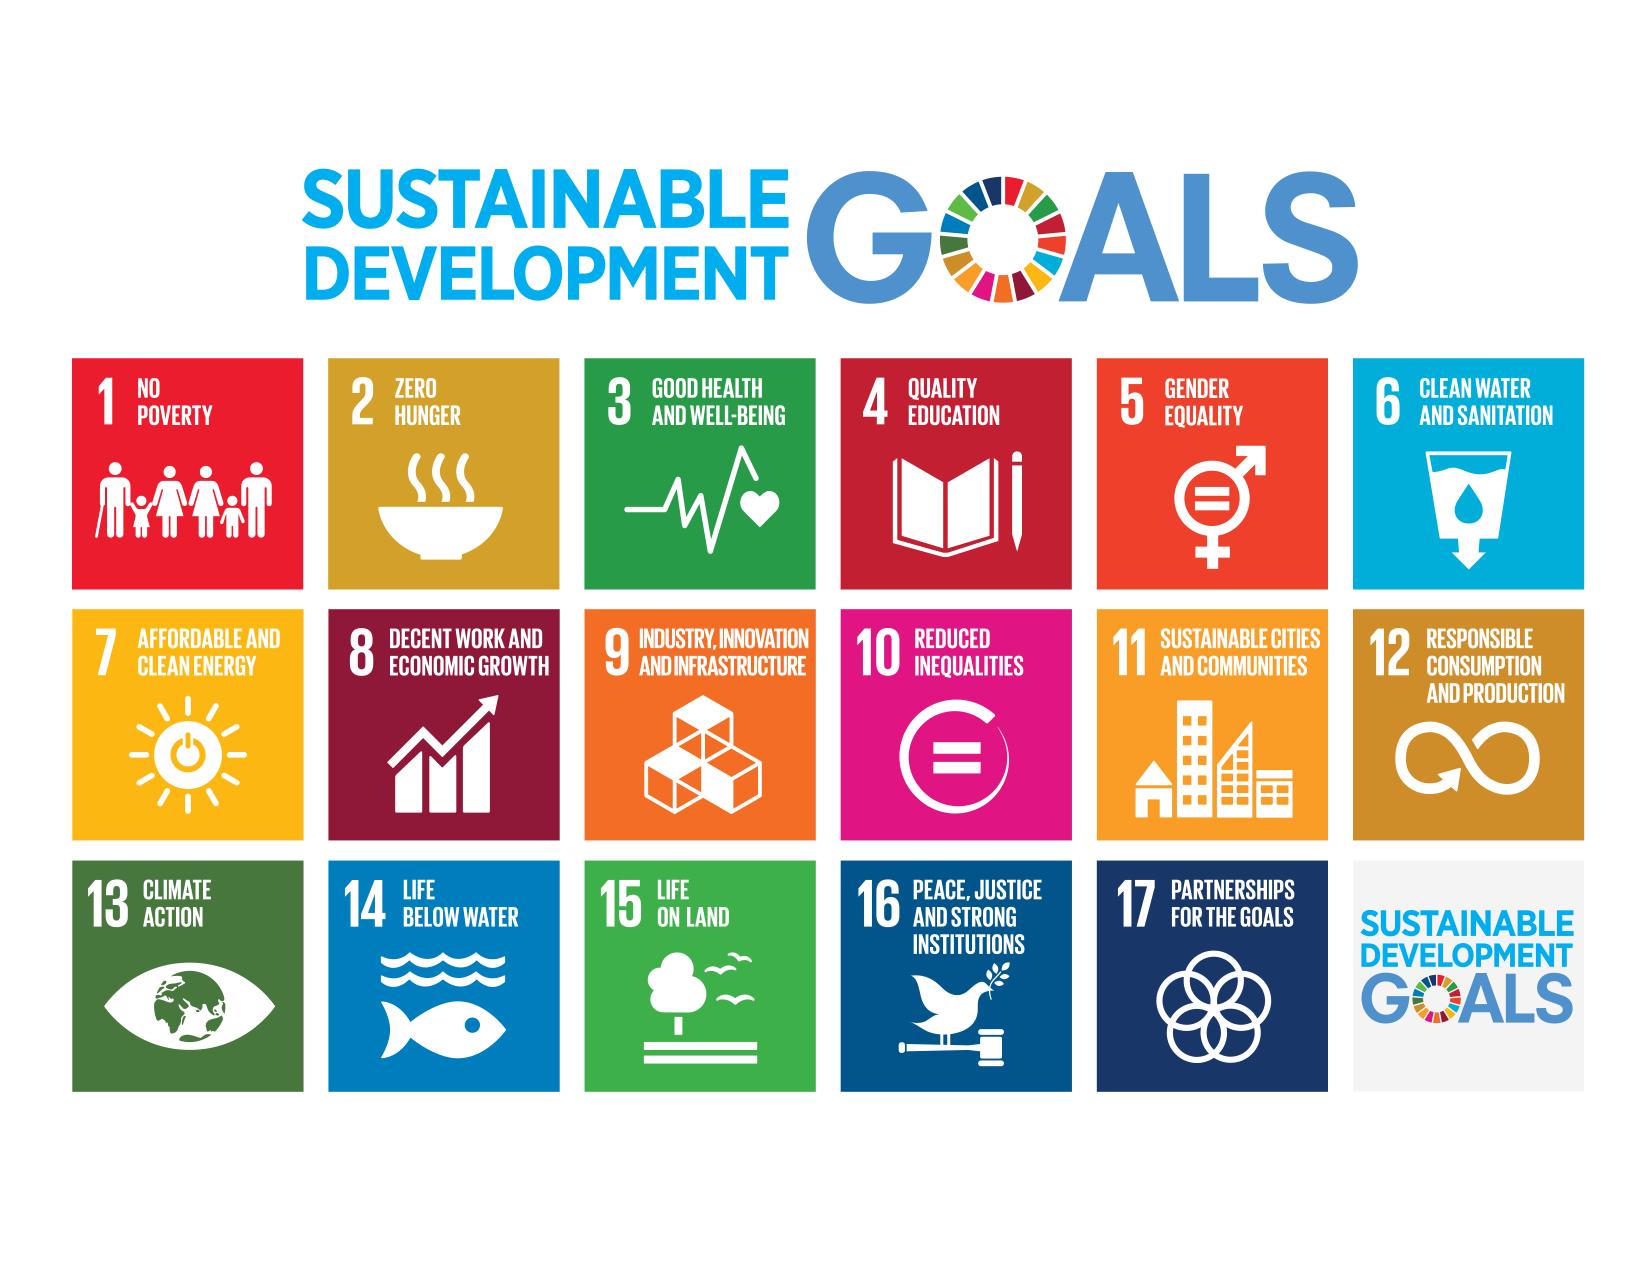 Gli Obiettivi per lo sviluppo sostenibile dell'ONU